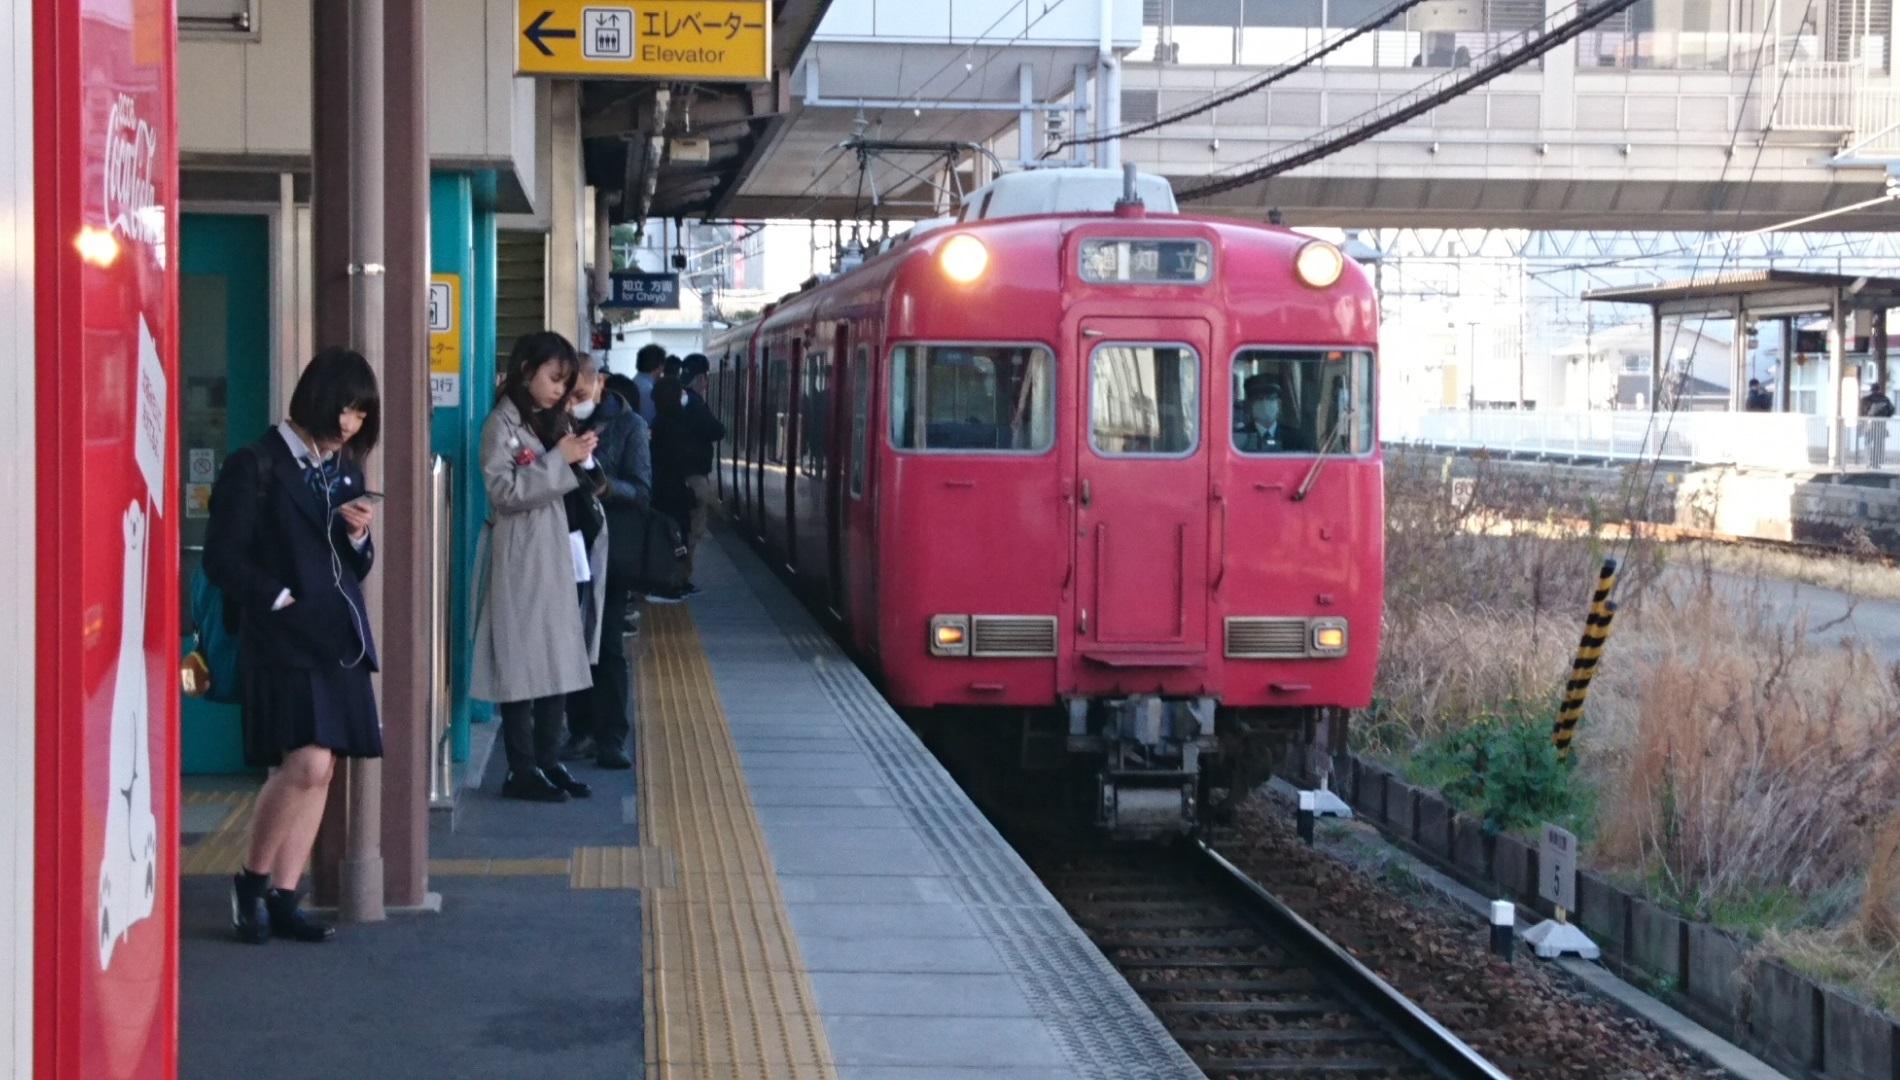 2019.2.26 (20) 刈谷 - 知立いきふつう 1900-1080